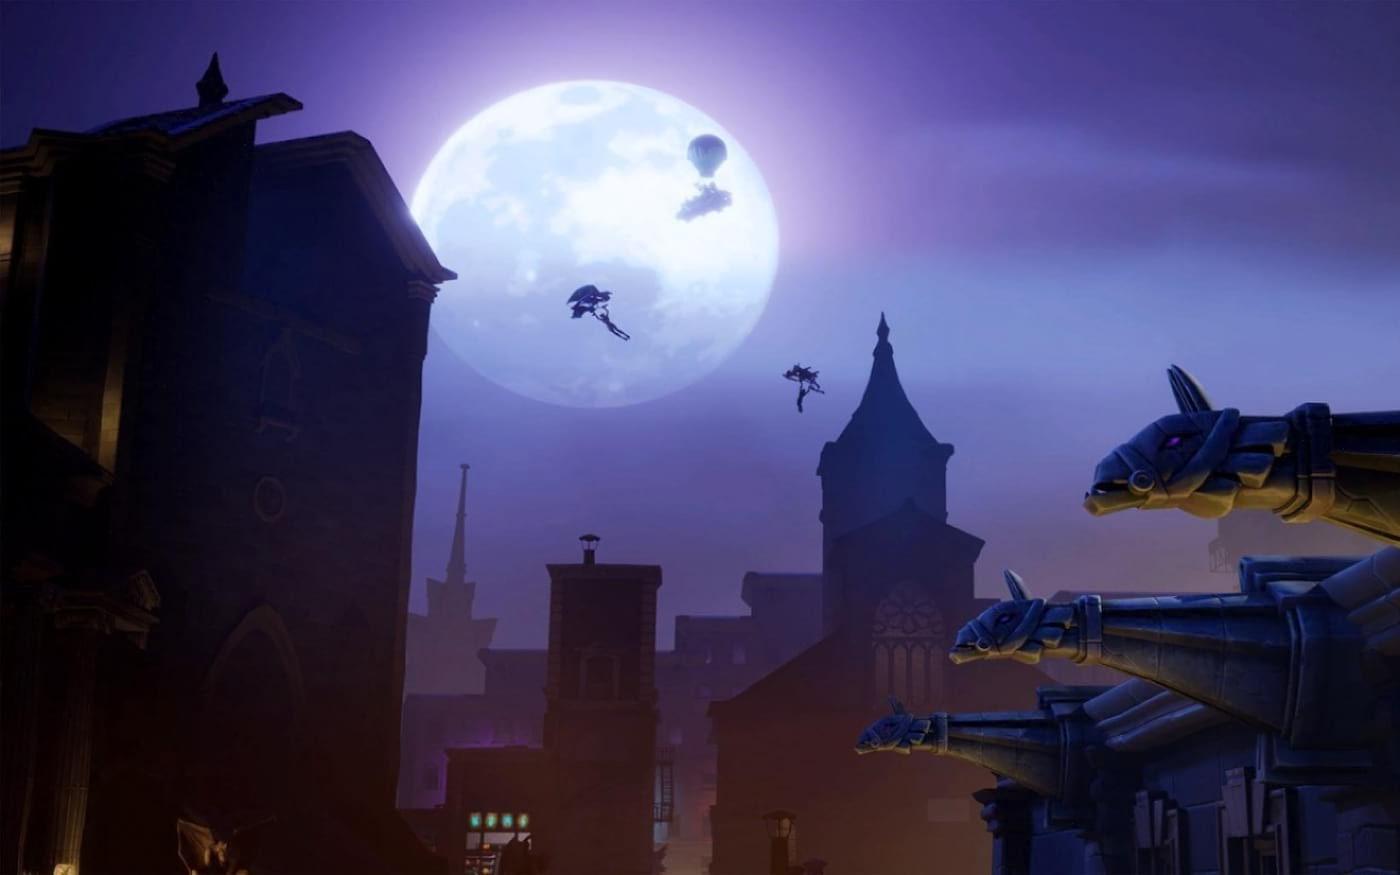 [Fortnite] Jogo ganhará em breve evento voltado para Batman e suas histórias